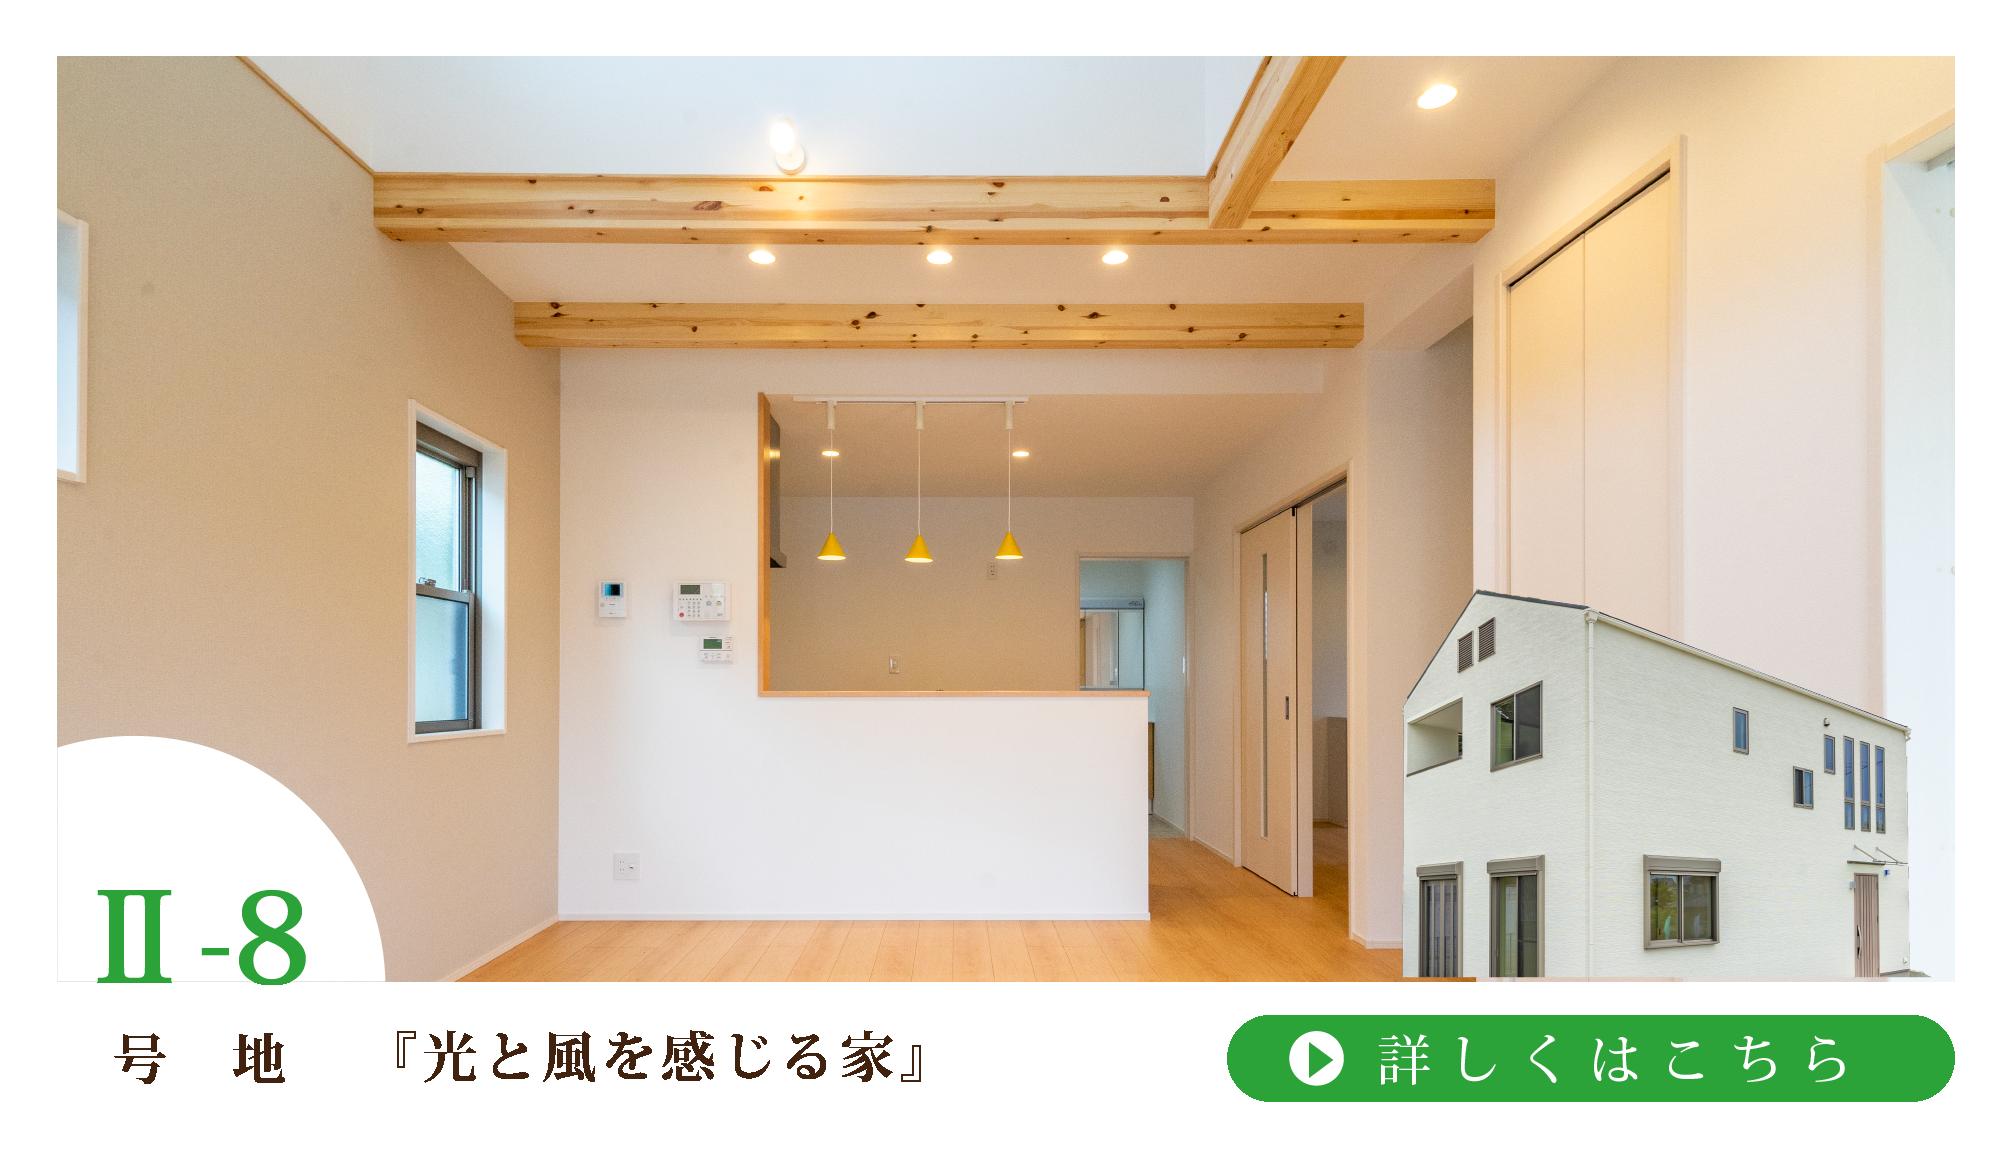 建売Ⅱ-8_楽家-03